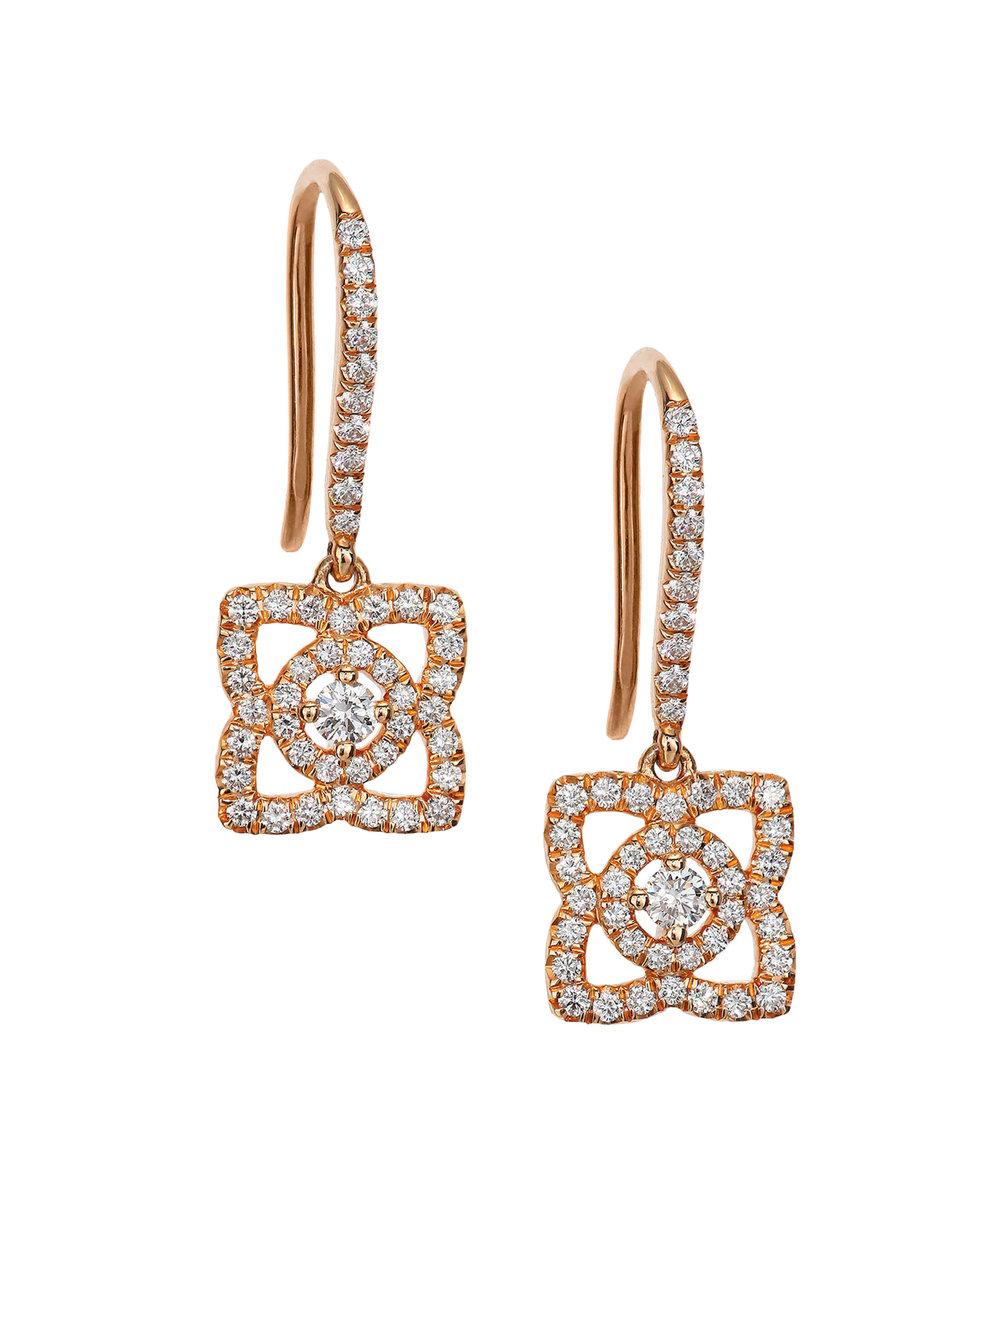 1.Enchanted Lotus Earrings by De Beers $3,450,  debeers.ca